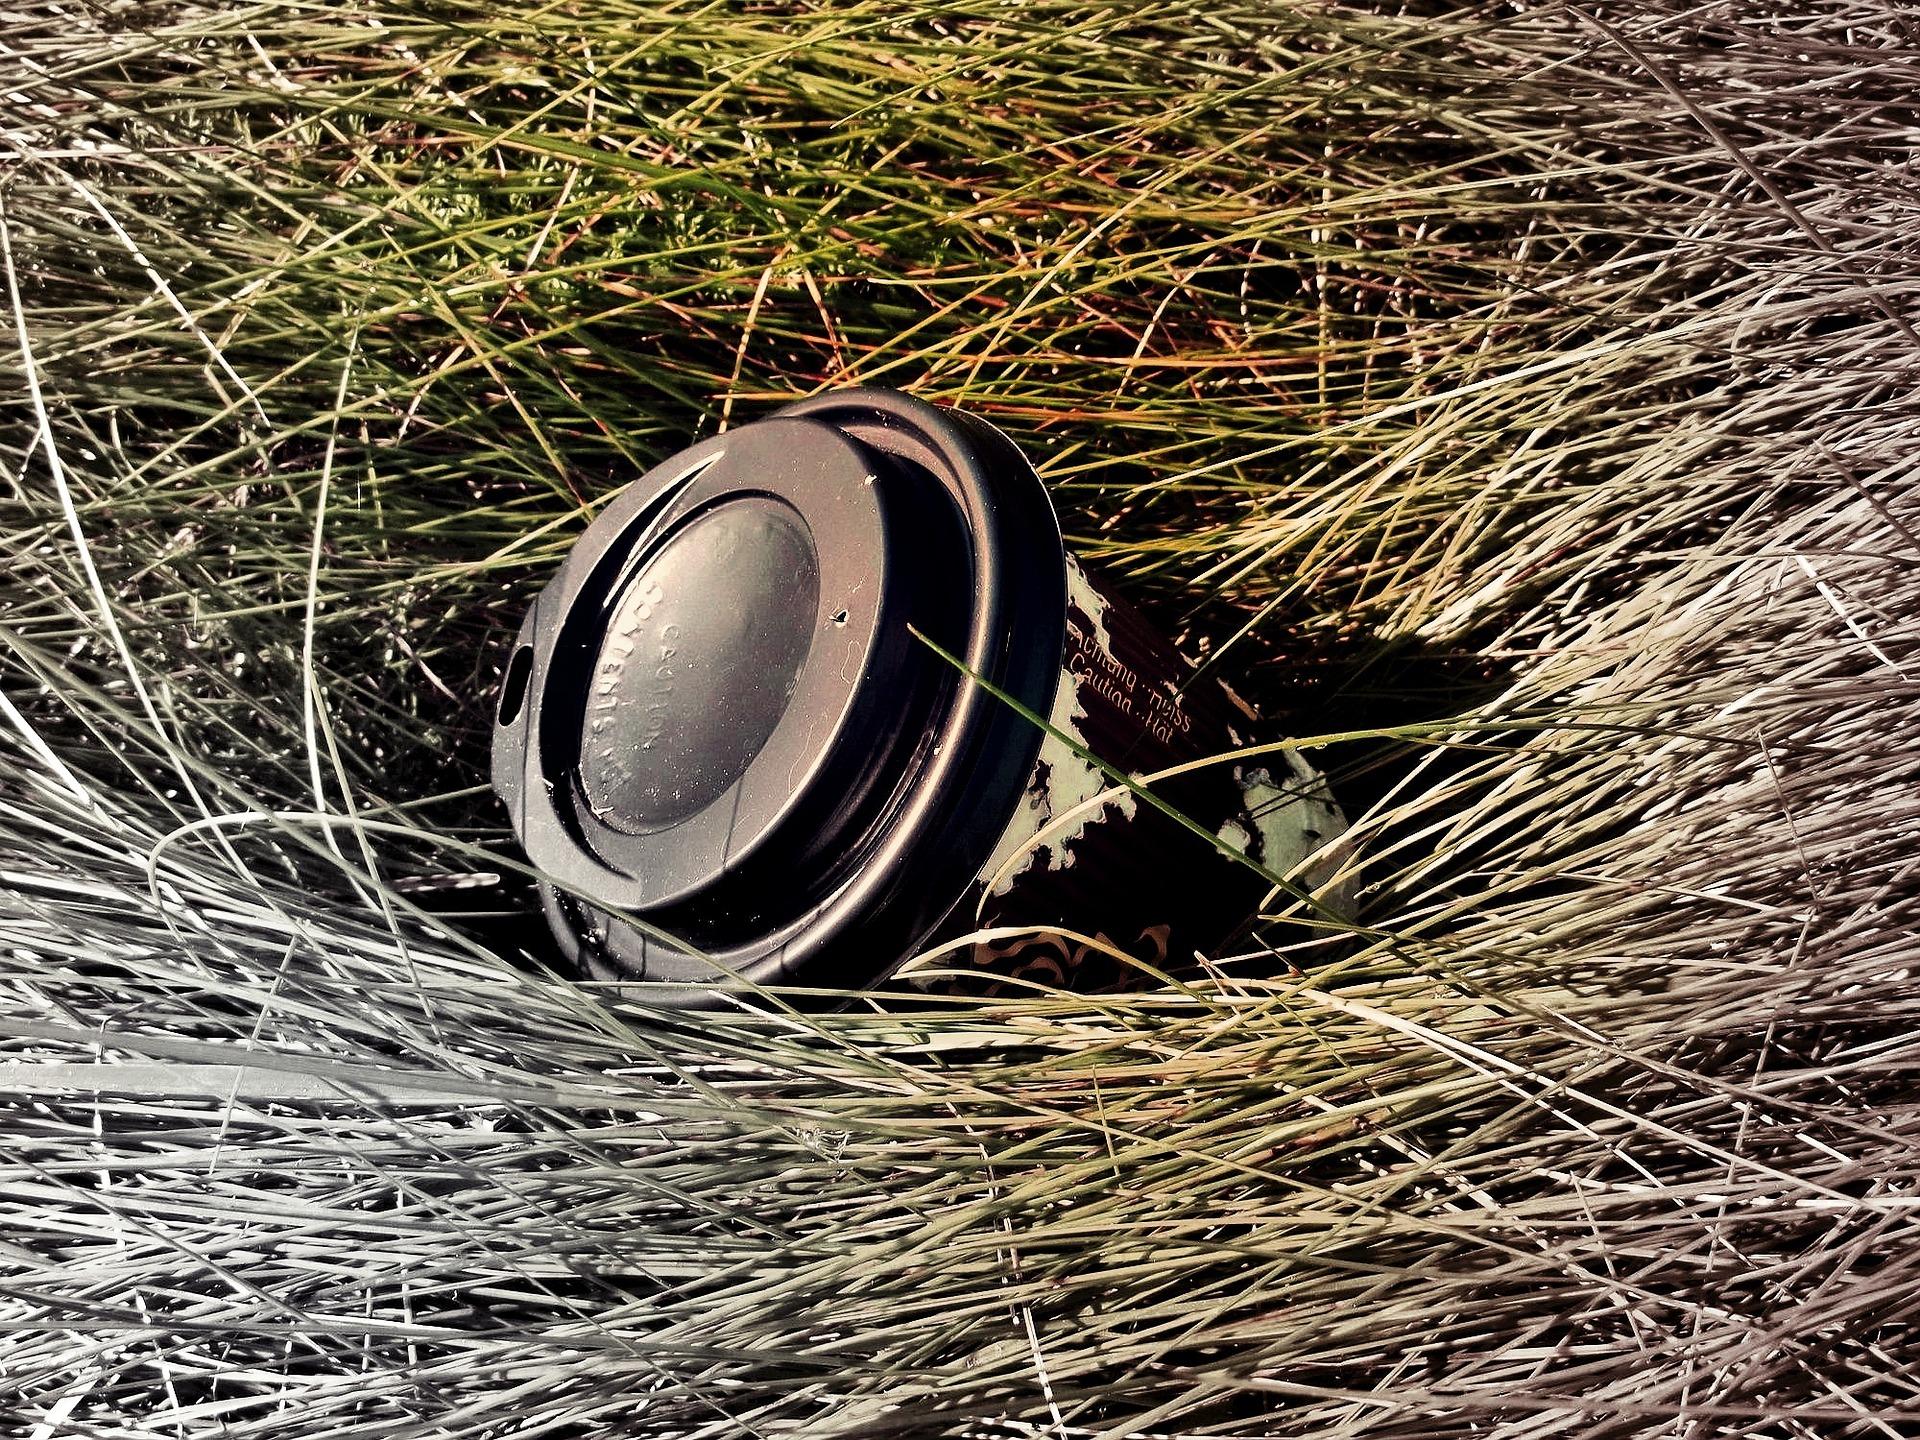 Üks enim veeressursse nõudev tegevus on kohvijoomine. Ja pärast satub tihtilugu ühekordselt kasutatav kohvitops jäätmena loodusesse. Foto: Pixabay